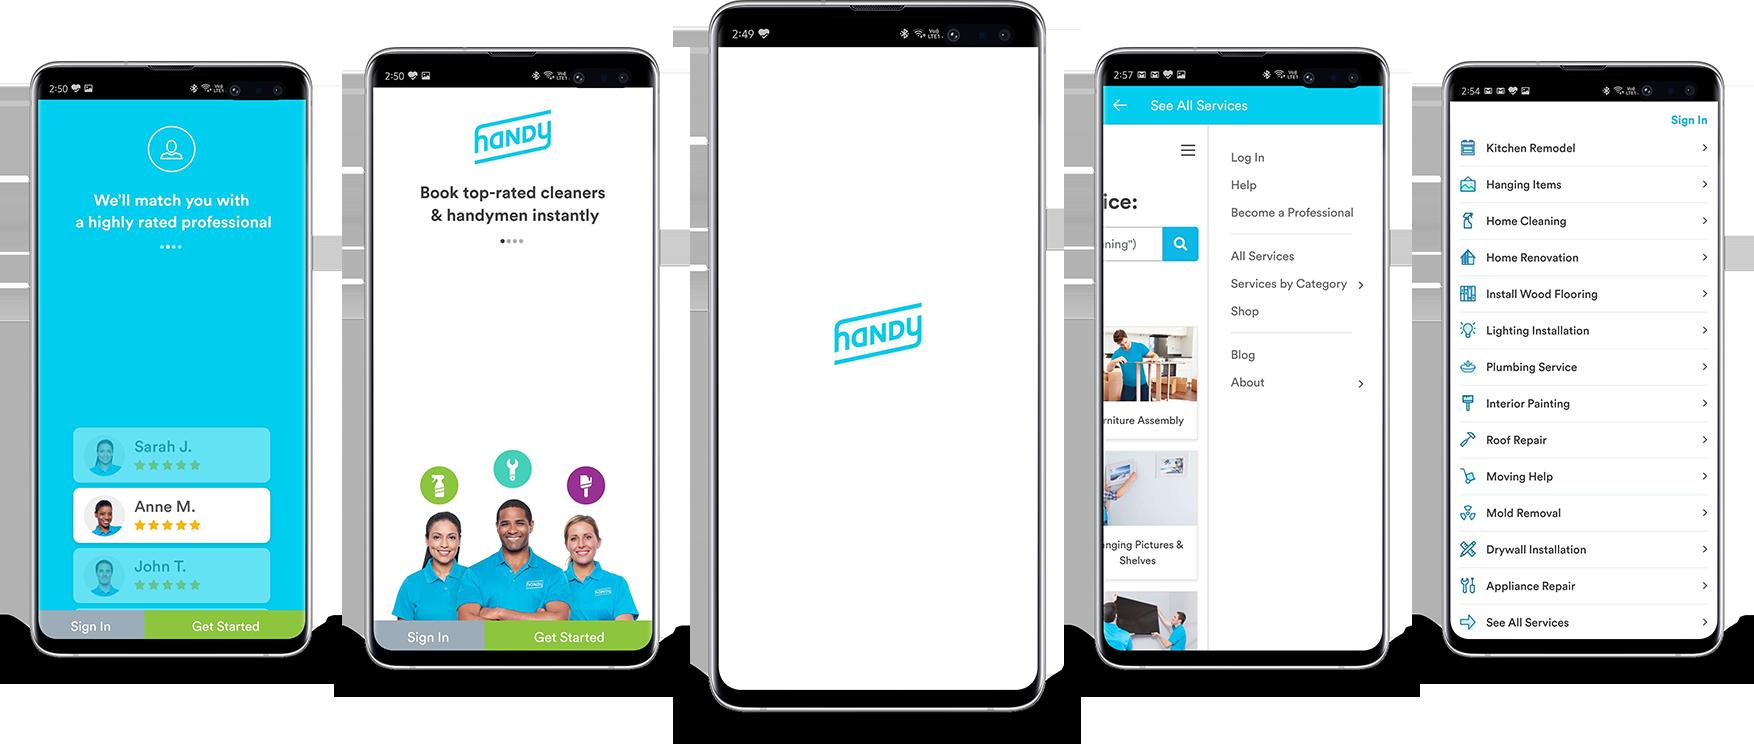 Screenshots of the Handy App